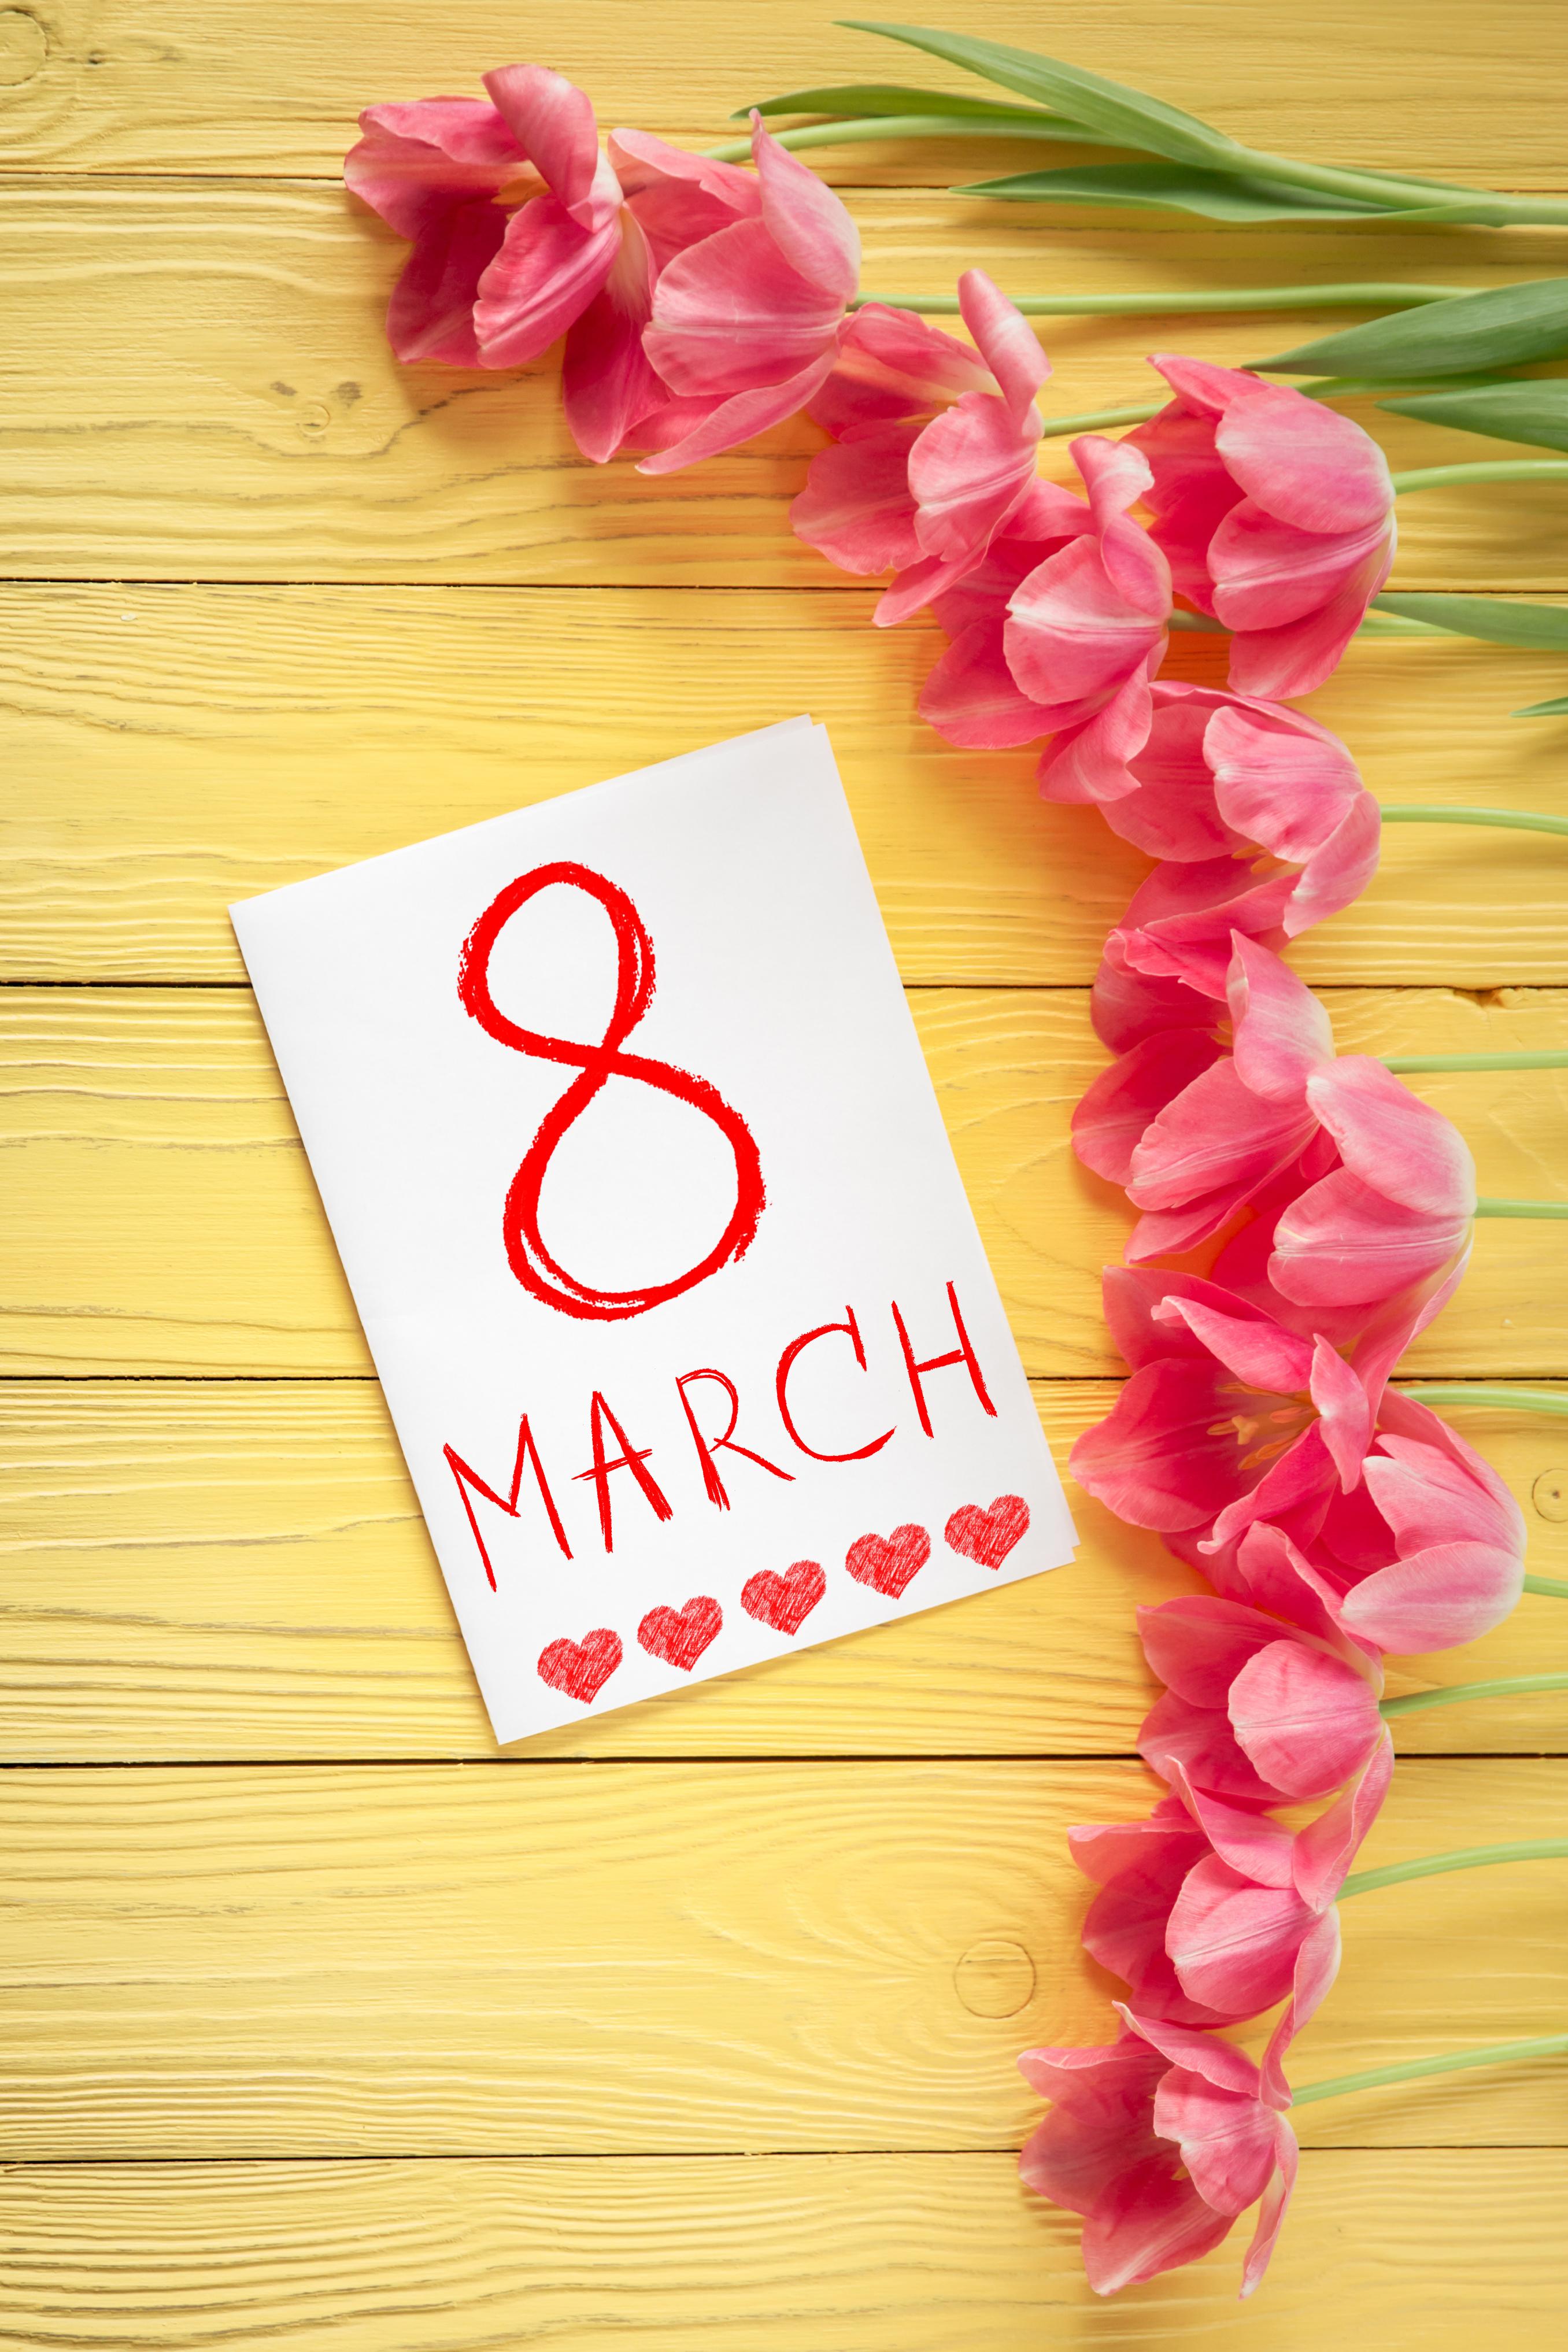 Открытки на 8 марта своими руками — коробочка идей и мастер-классов